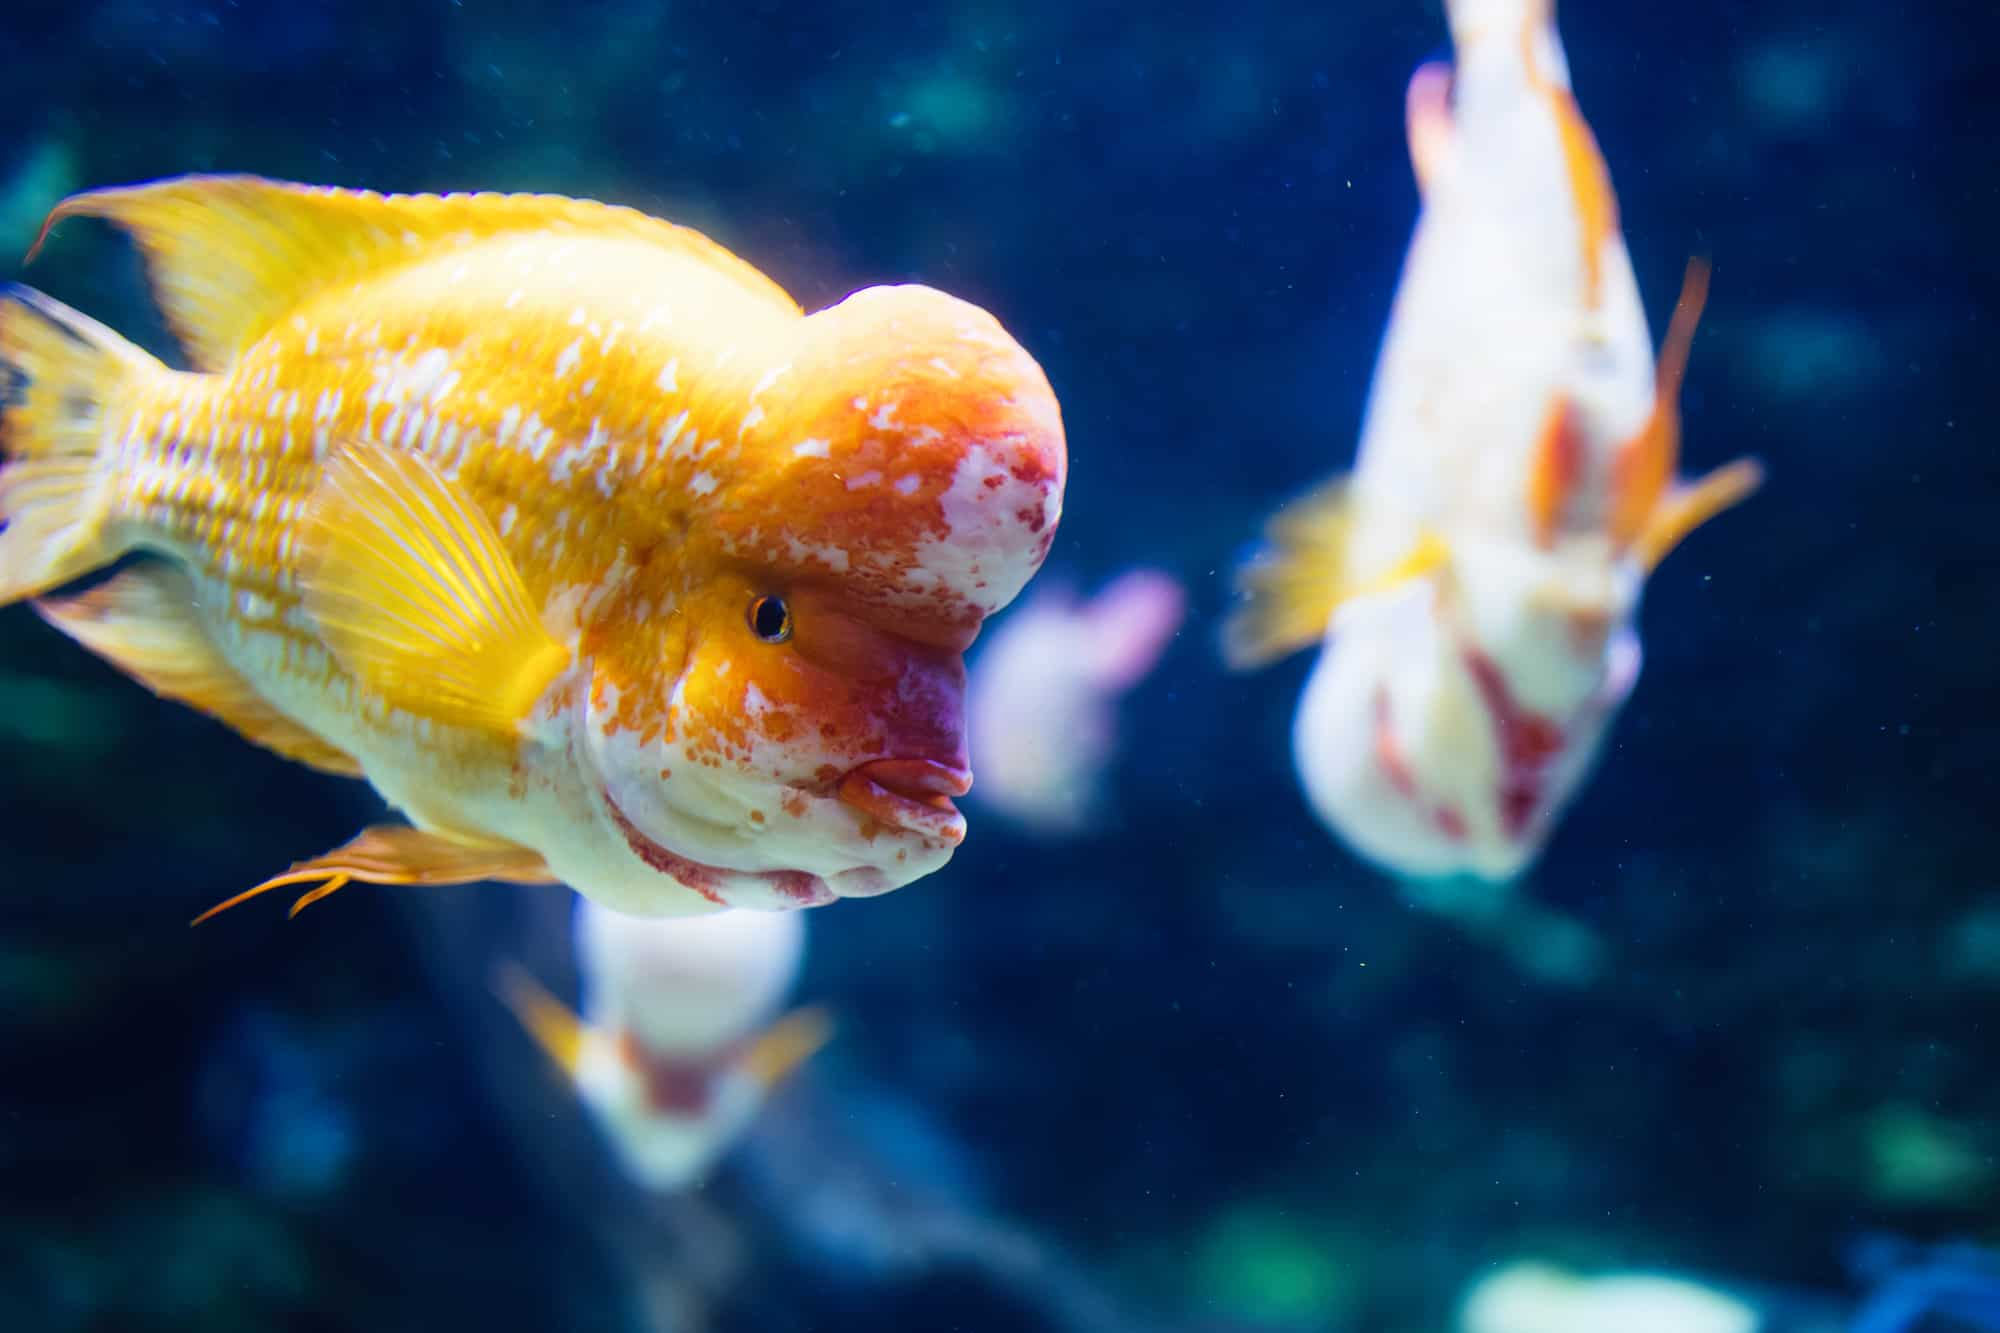 Portrait of beautiful flowerhead cichild fish swimming in aquarium